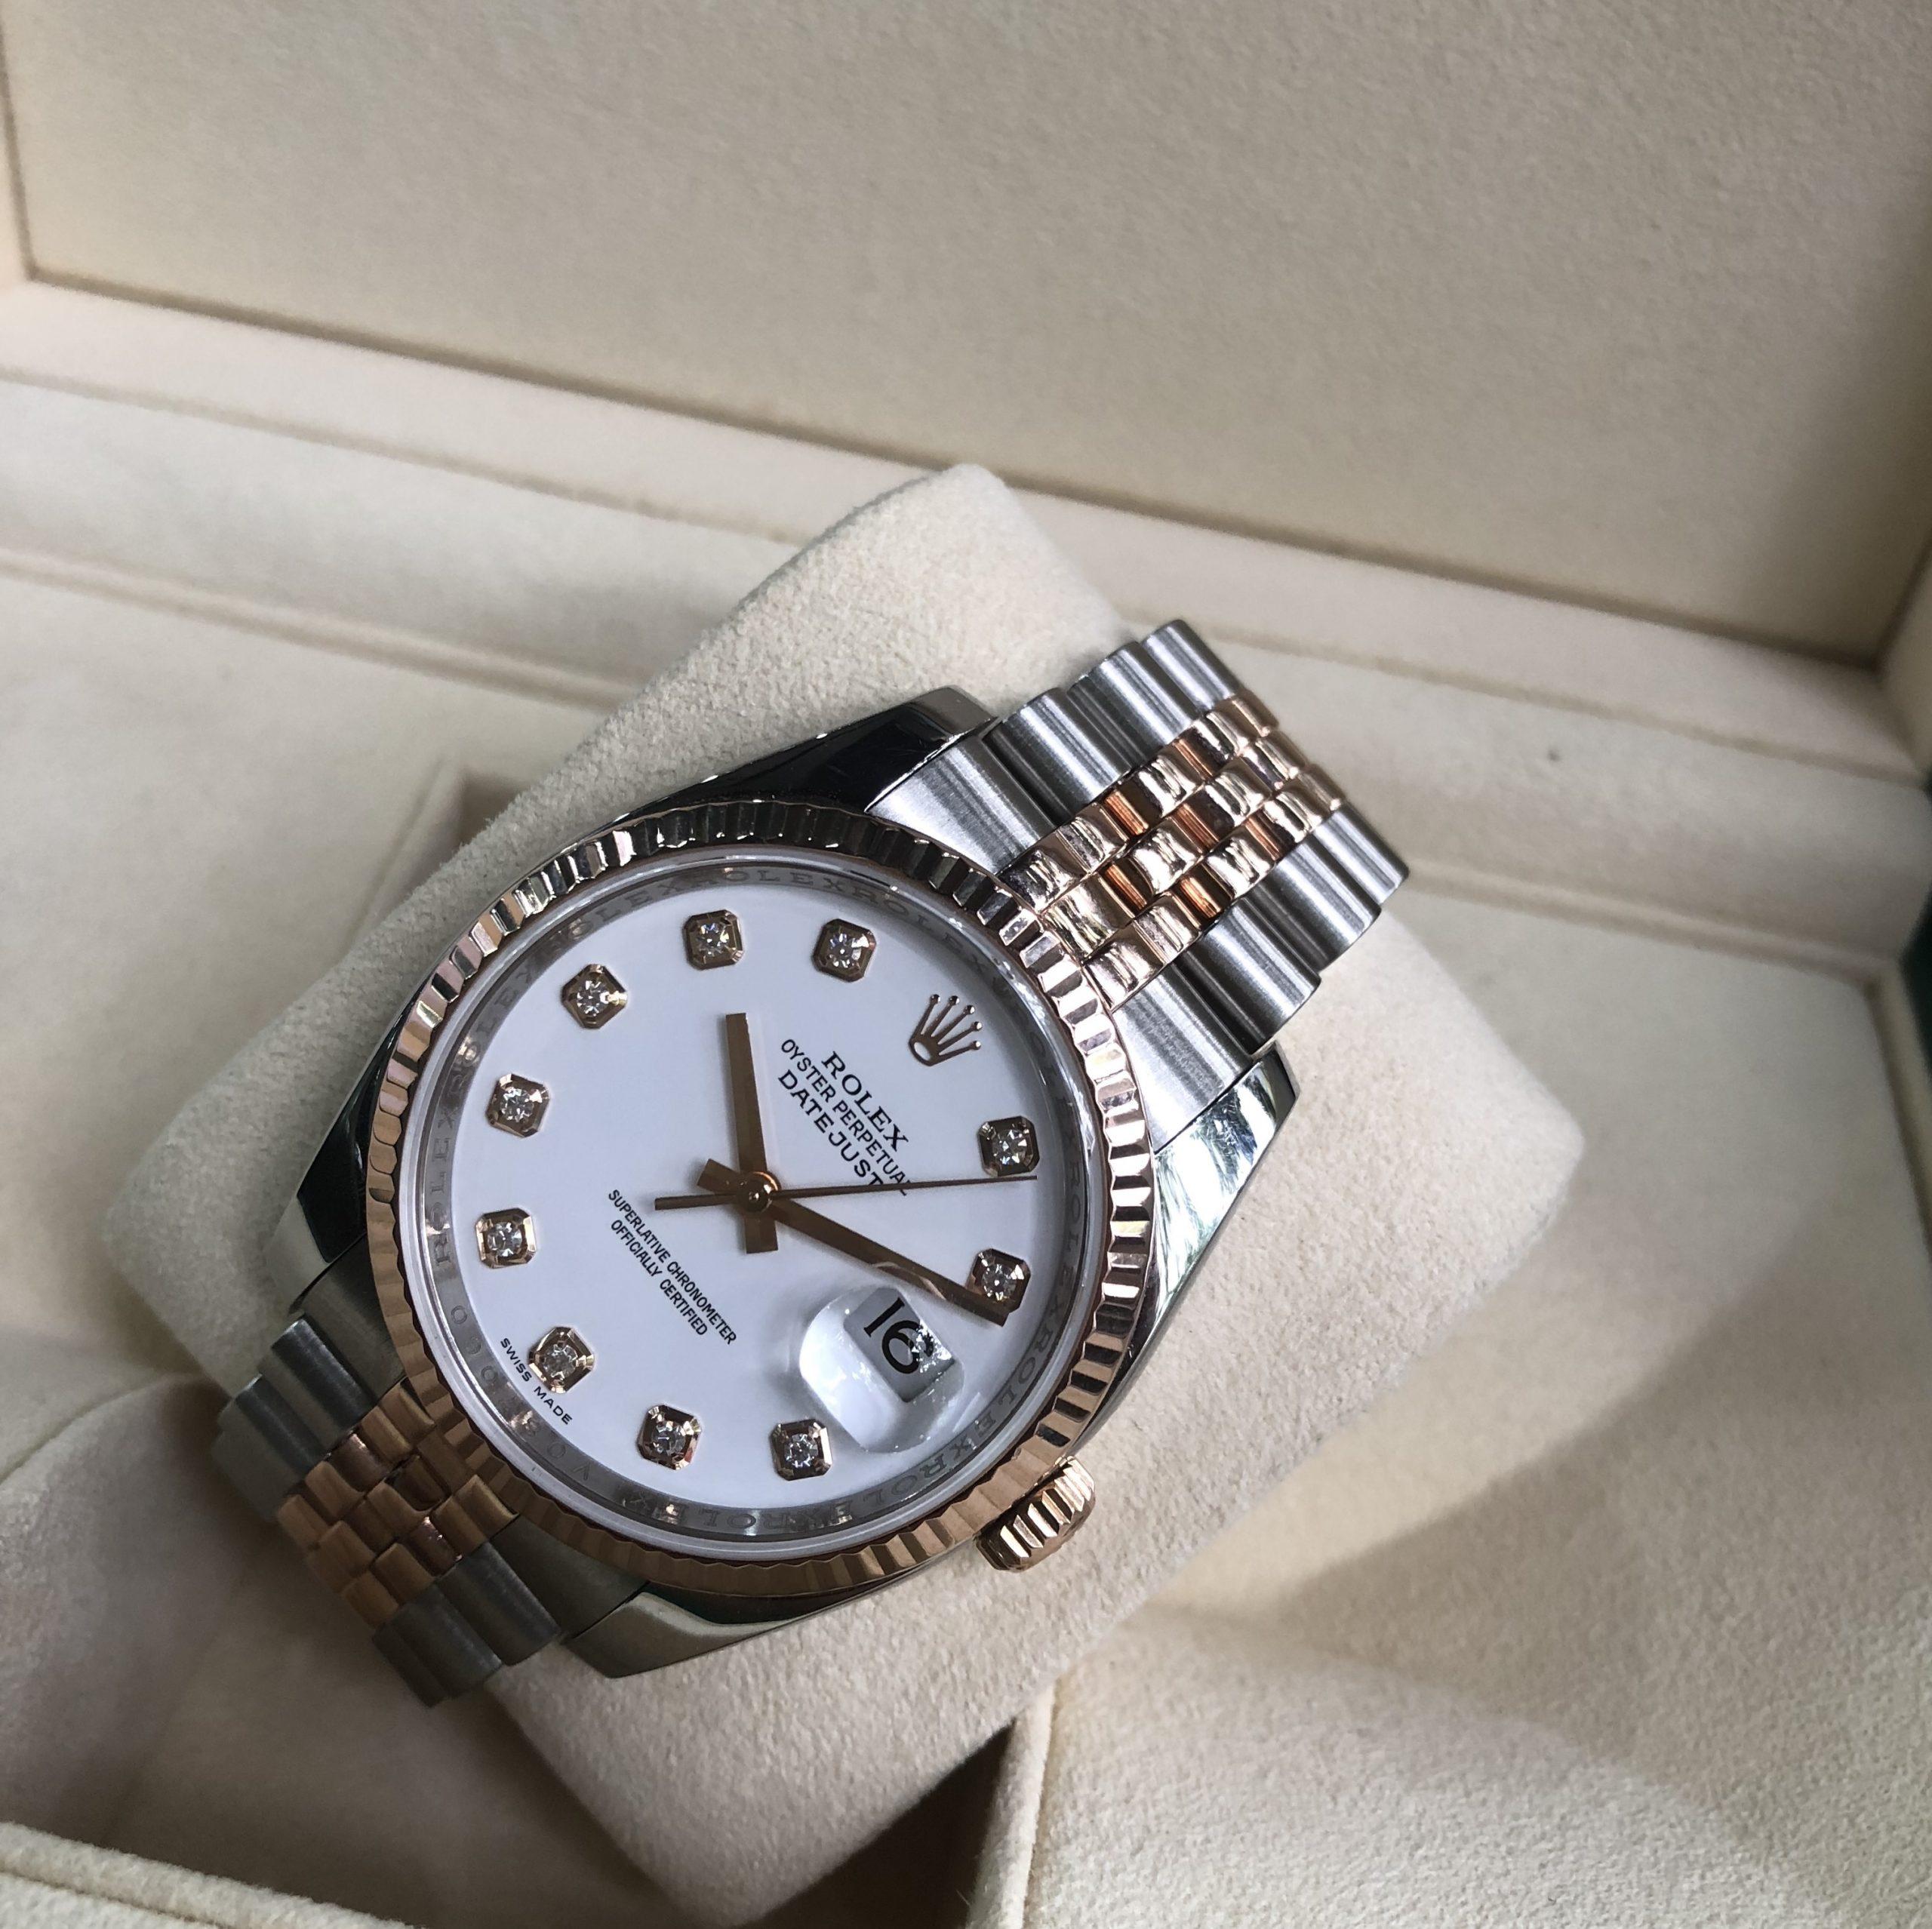 Rolex 116231 mặt trắng men demi vàng hồng 18k đời 2011